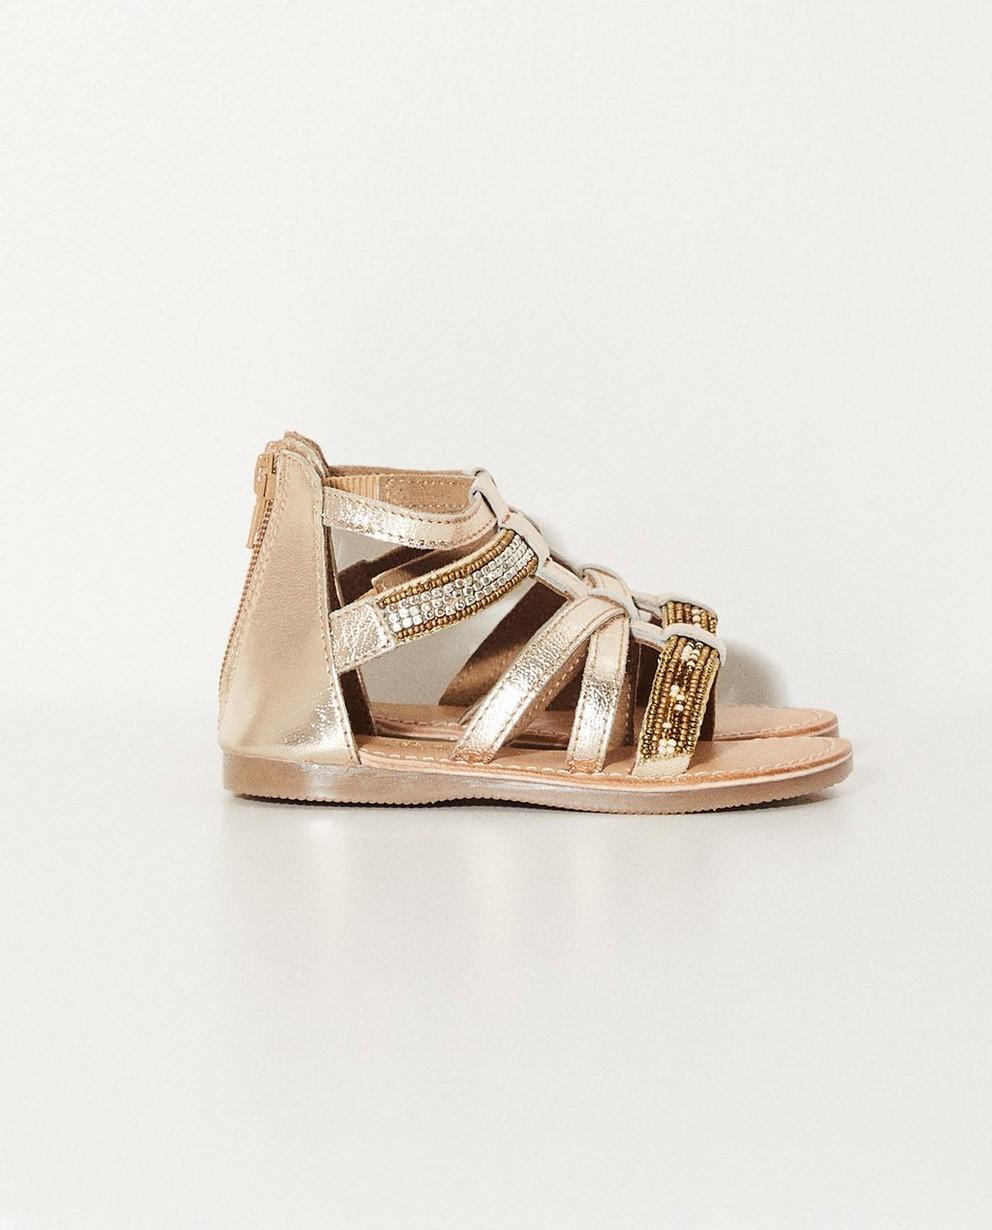 Sandales dorées - petites pierres - JBC